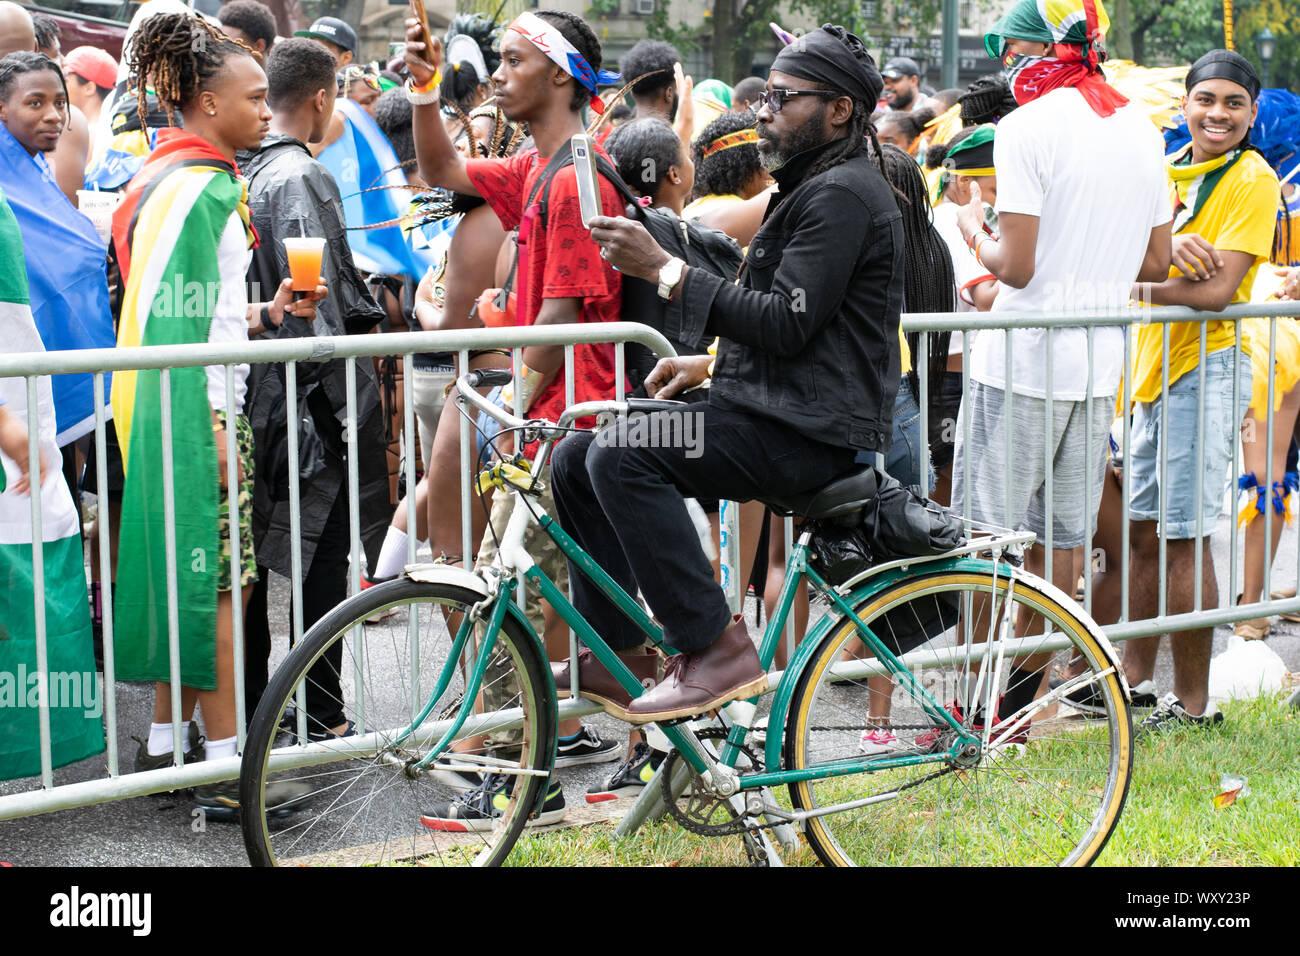 Hinter dem Zaun, an welcher die West Indian Day Parade entlang geht, sitzt ein Mann auf seinem Fahhrad und macht Fotos mit seinem Handy von den bunt a Stock Photo